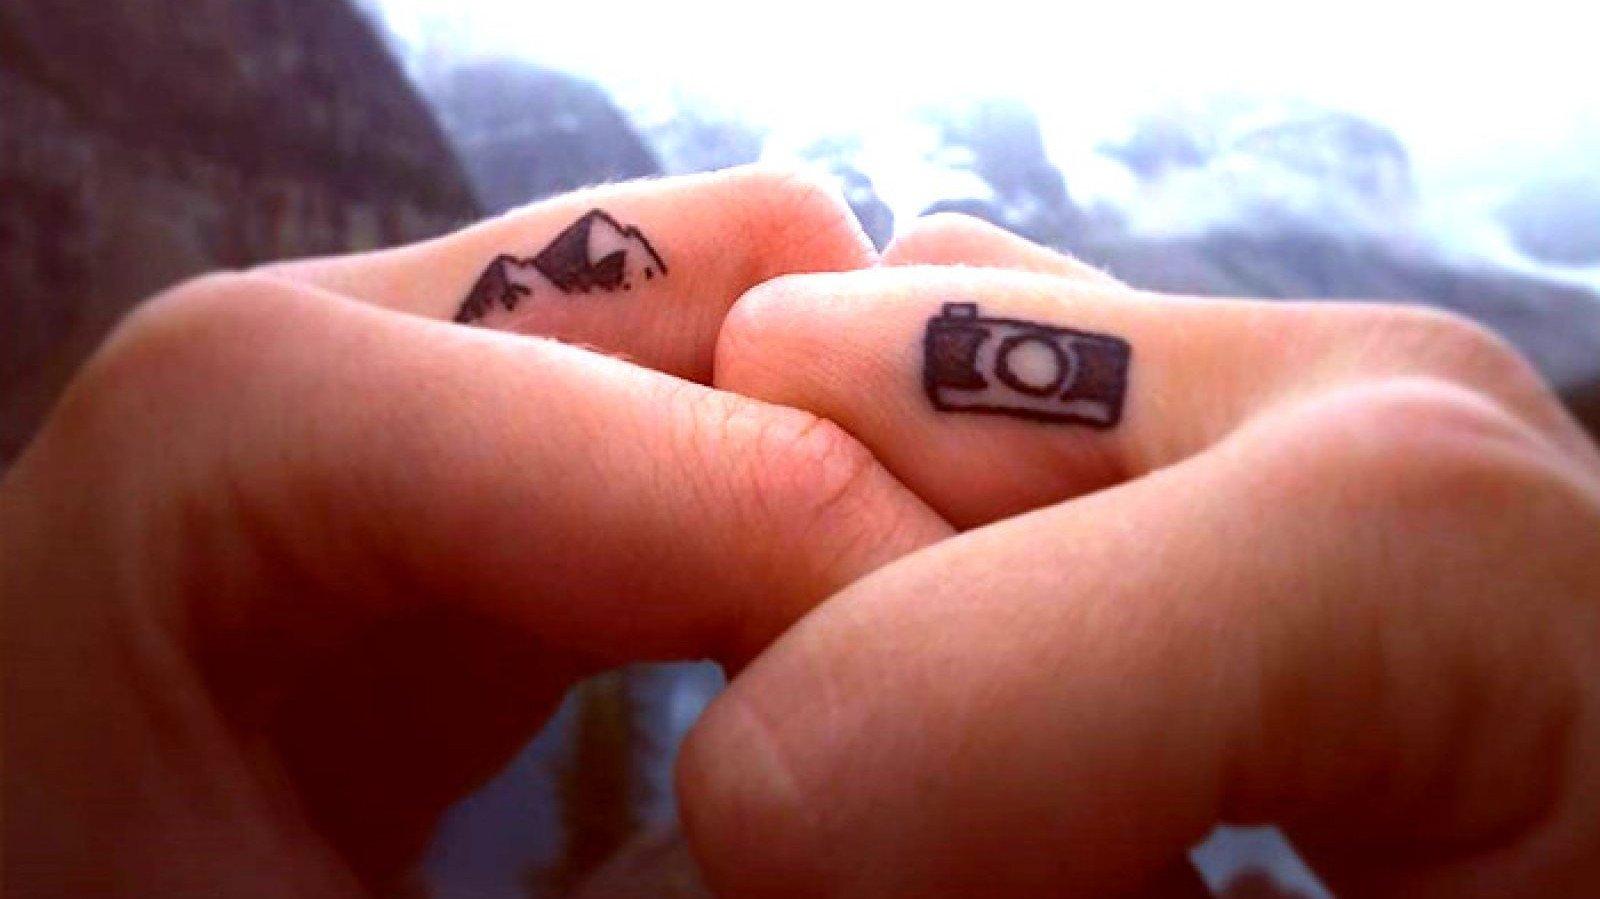 Pequeños tatuajes en el dedo de una montaña y una cámara de fotos.